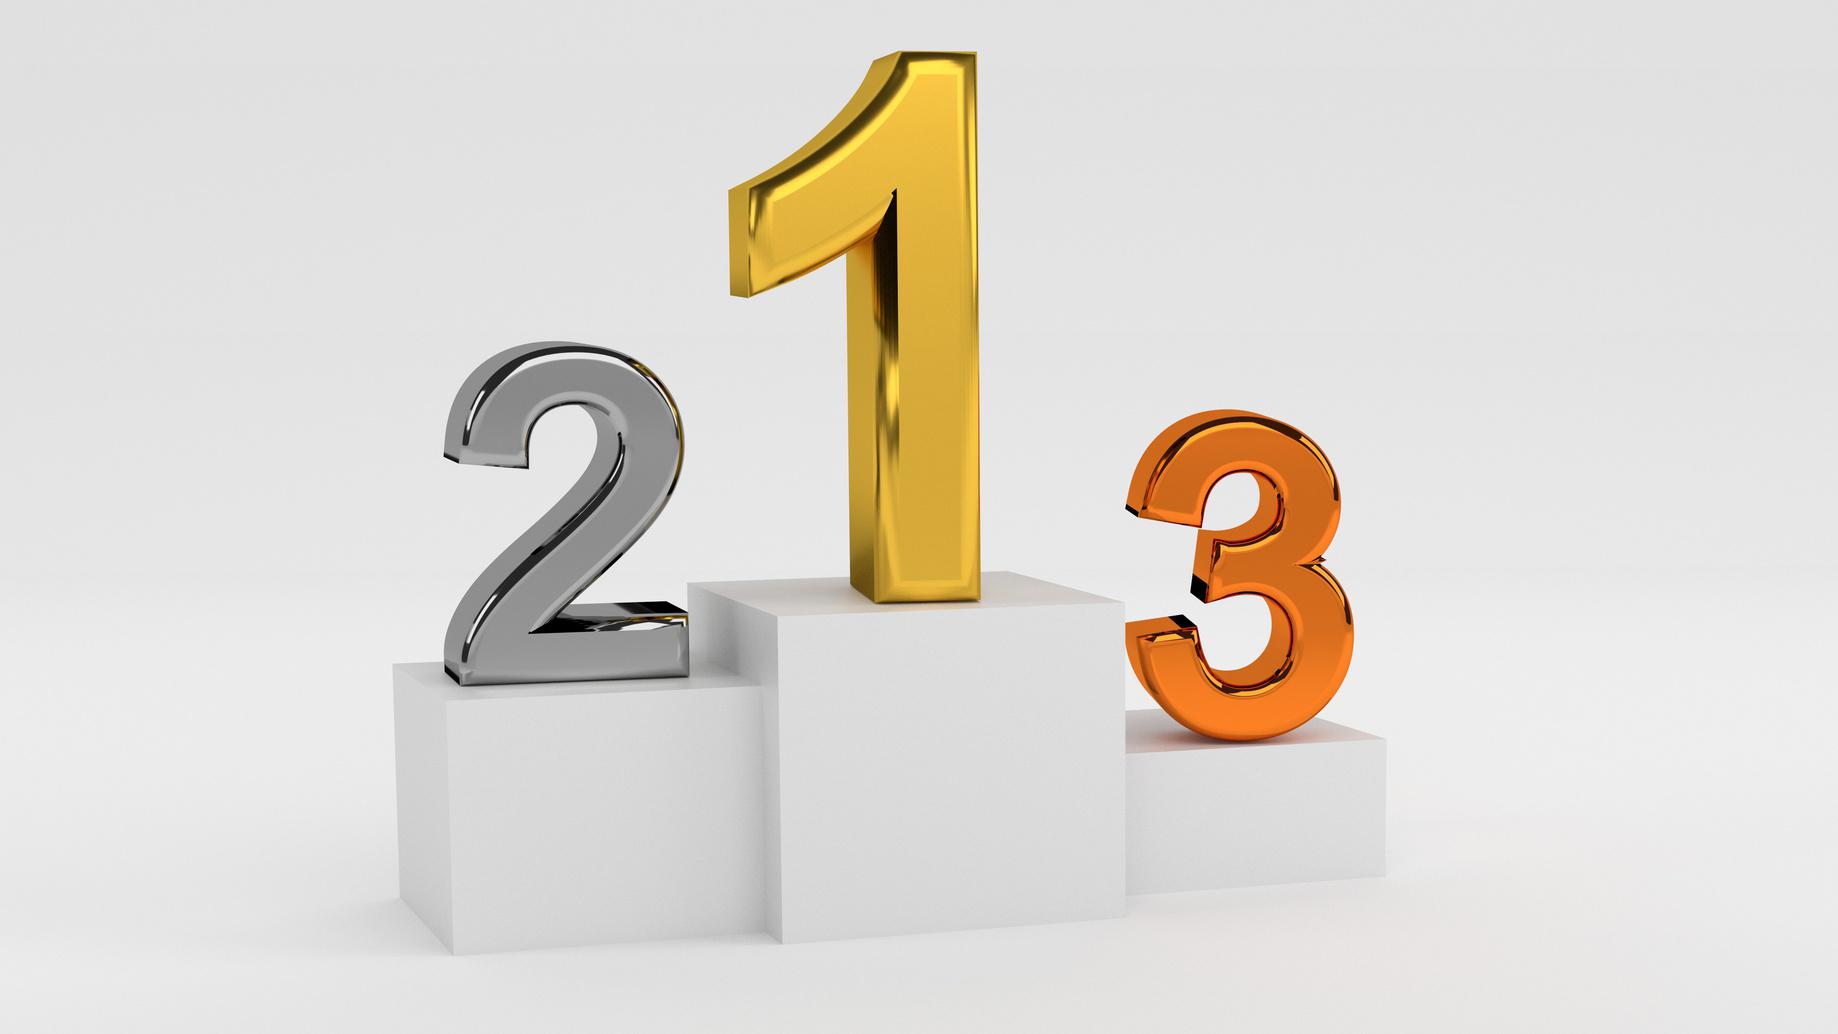 Internetagentur-Ranking 2020: Teilnahmephase ist gestartet